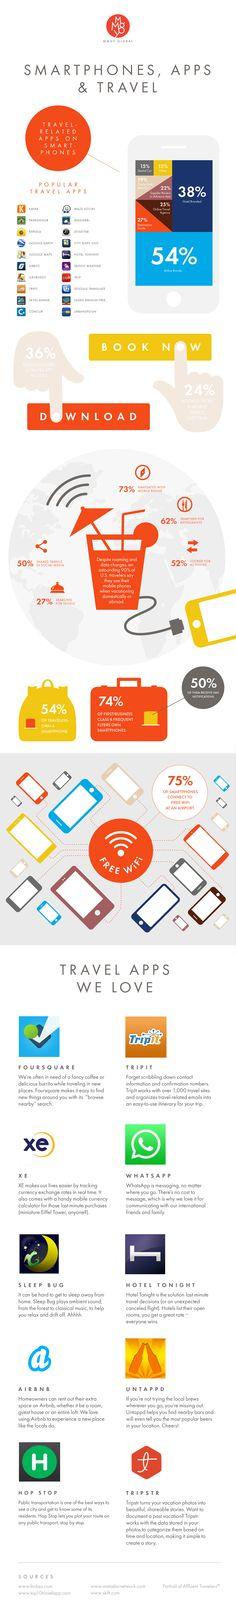 Smartphones, Apps & Travel